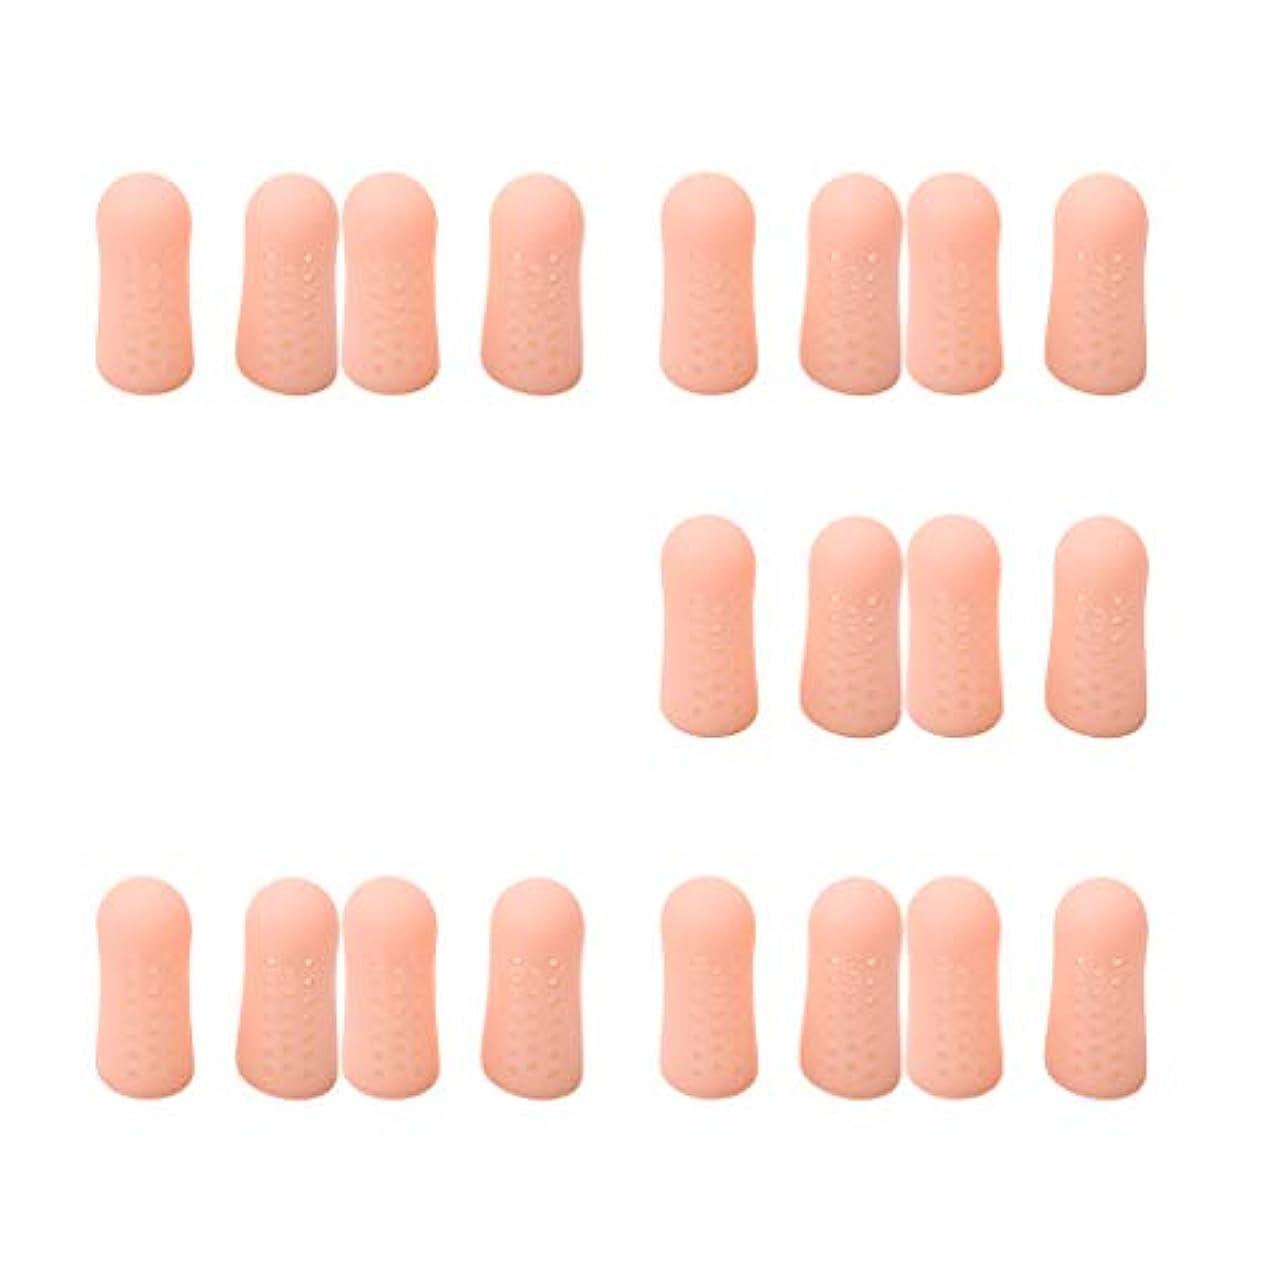 絶対の祖母気分dailymall 20個の指のつま先チューブスリーブプロテクターキャップセパレーターの痛みを軽減